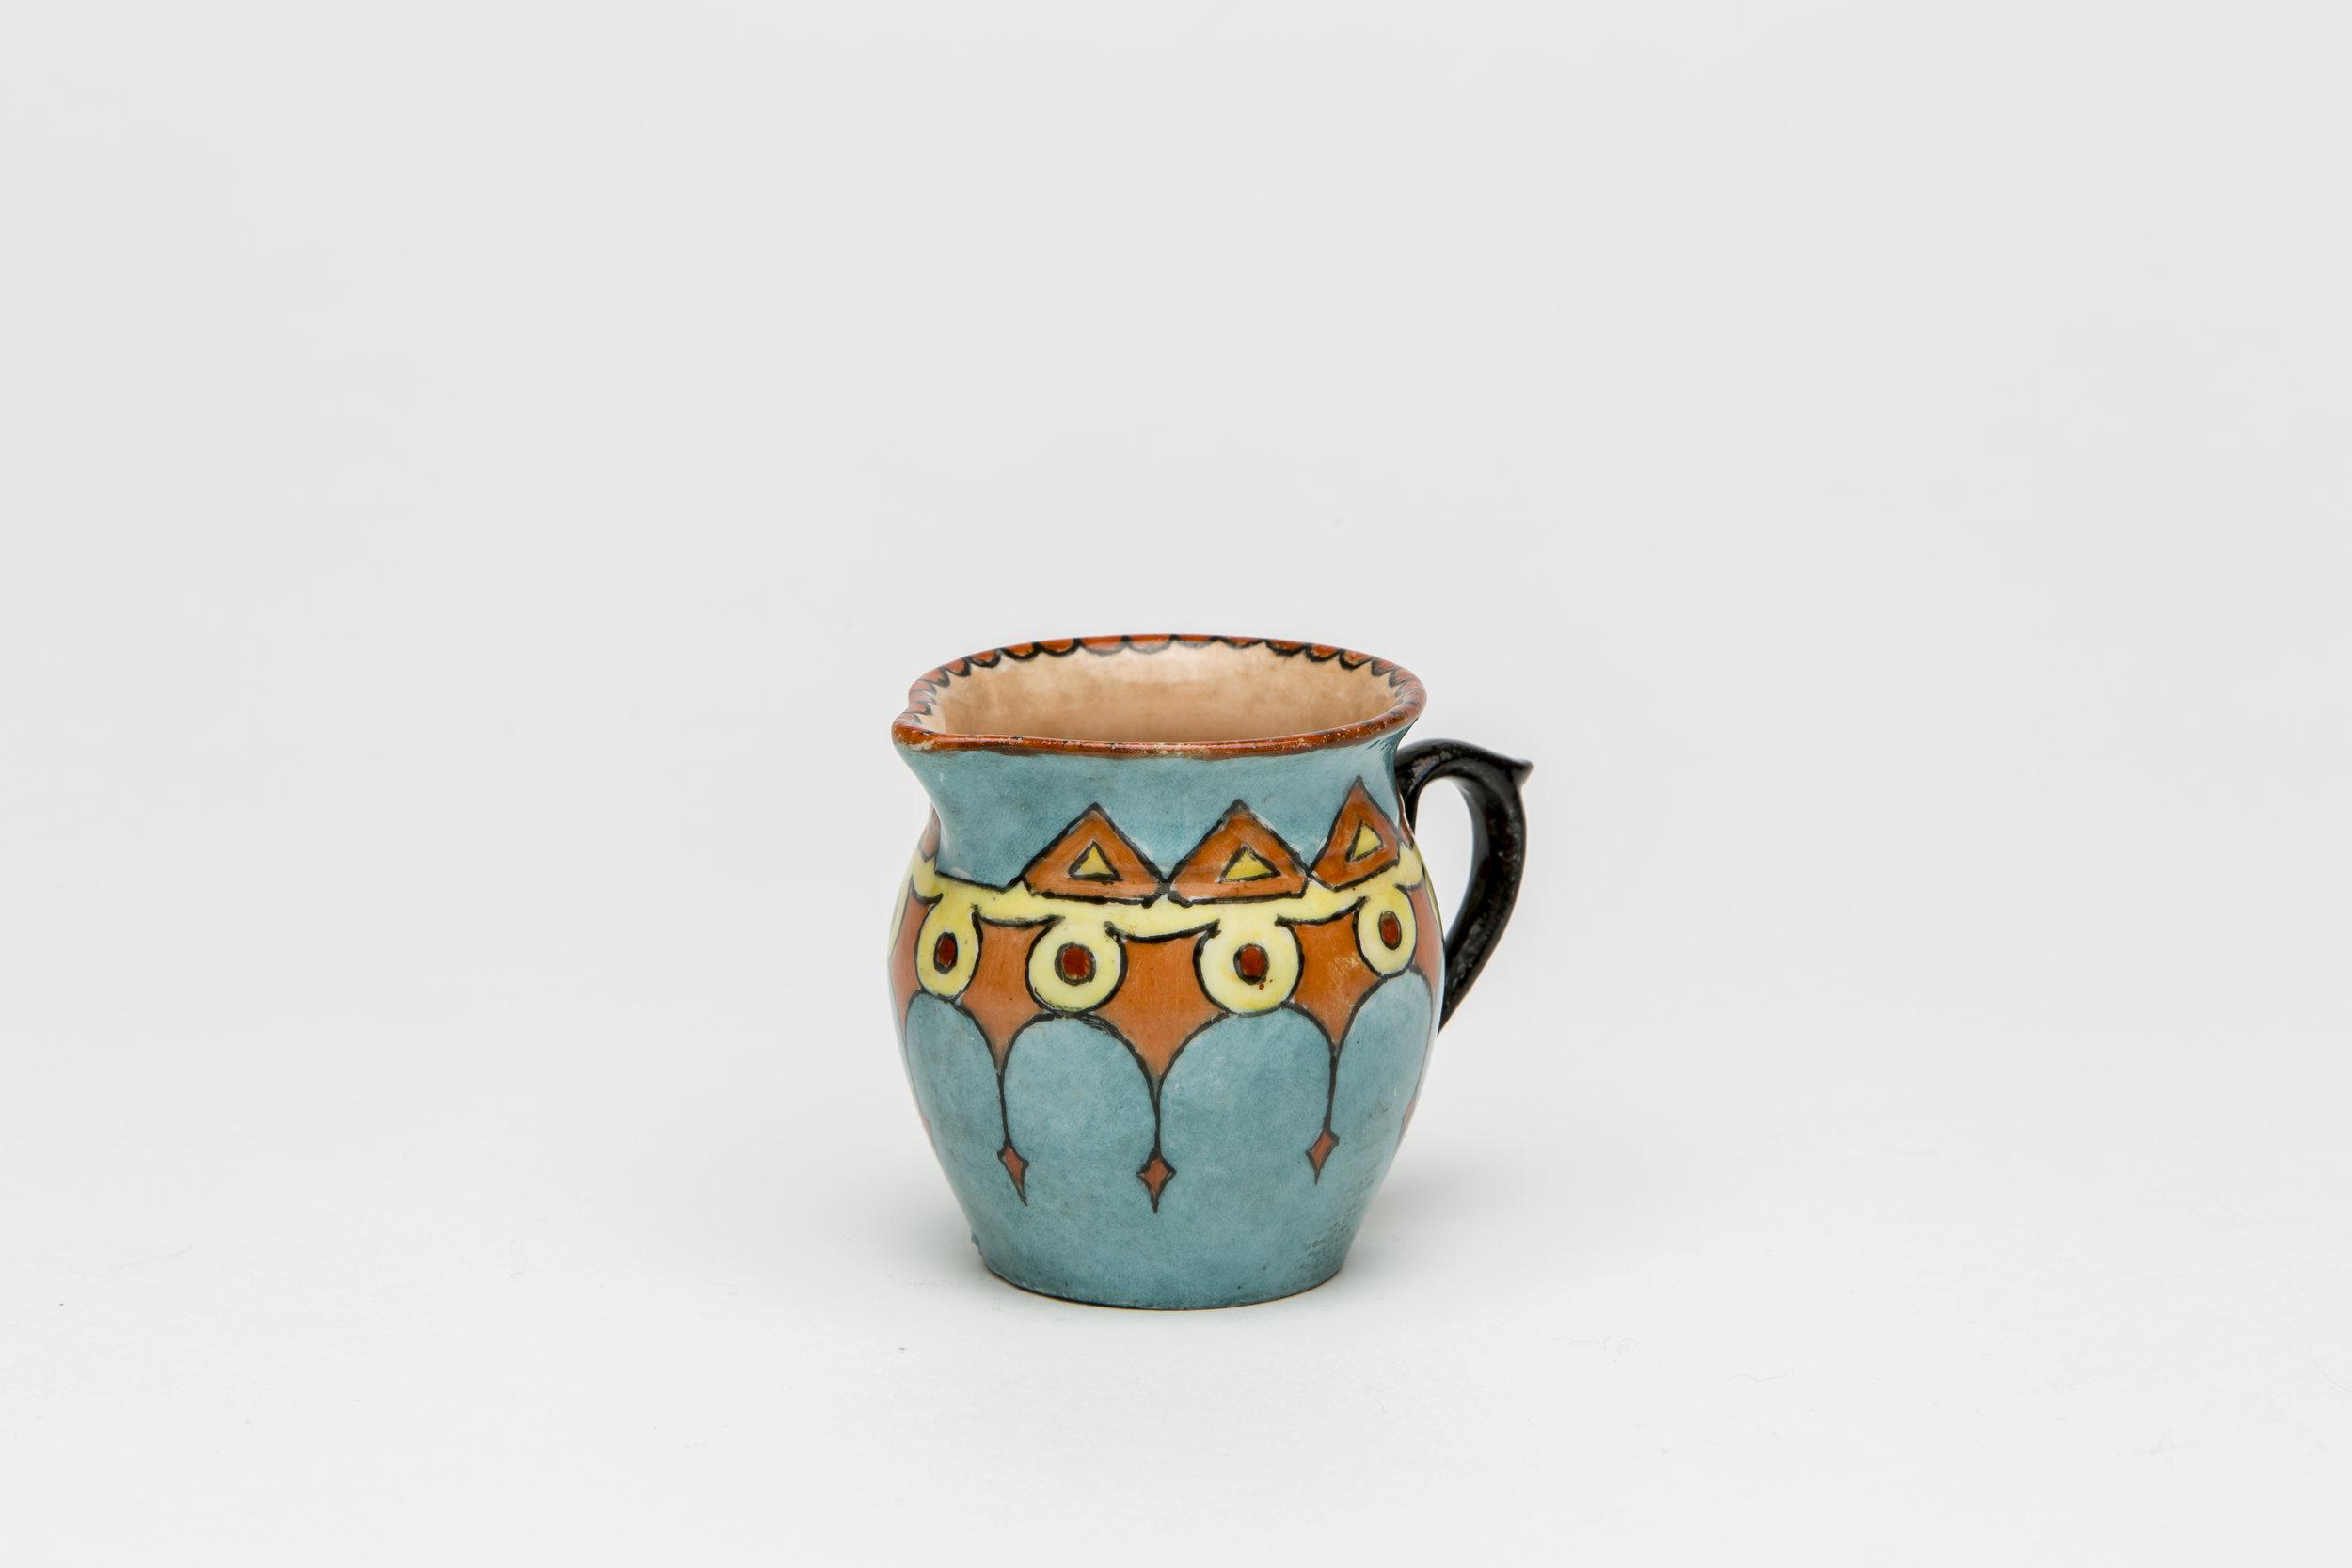 Maude Gum, 1885-1973,  China painted jug , c 1920-30s, 6.5 x 5.5cm.